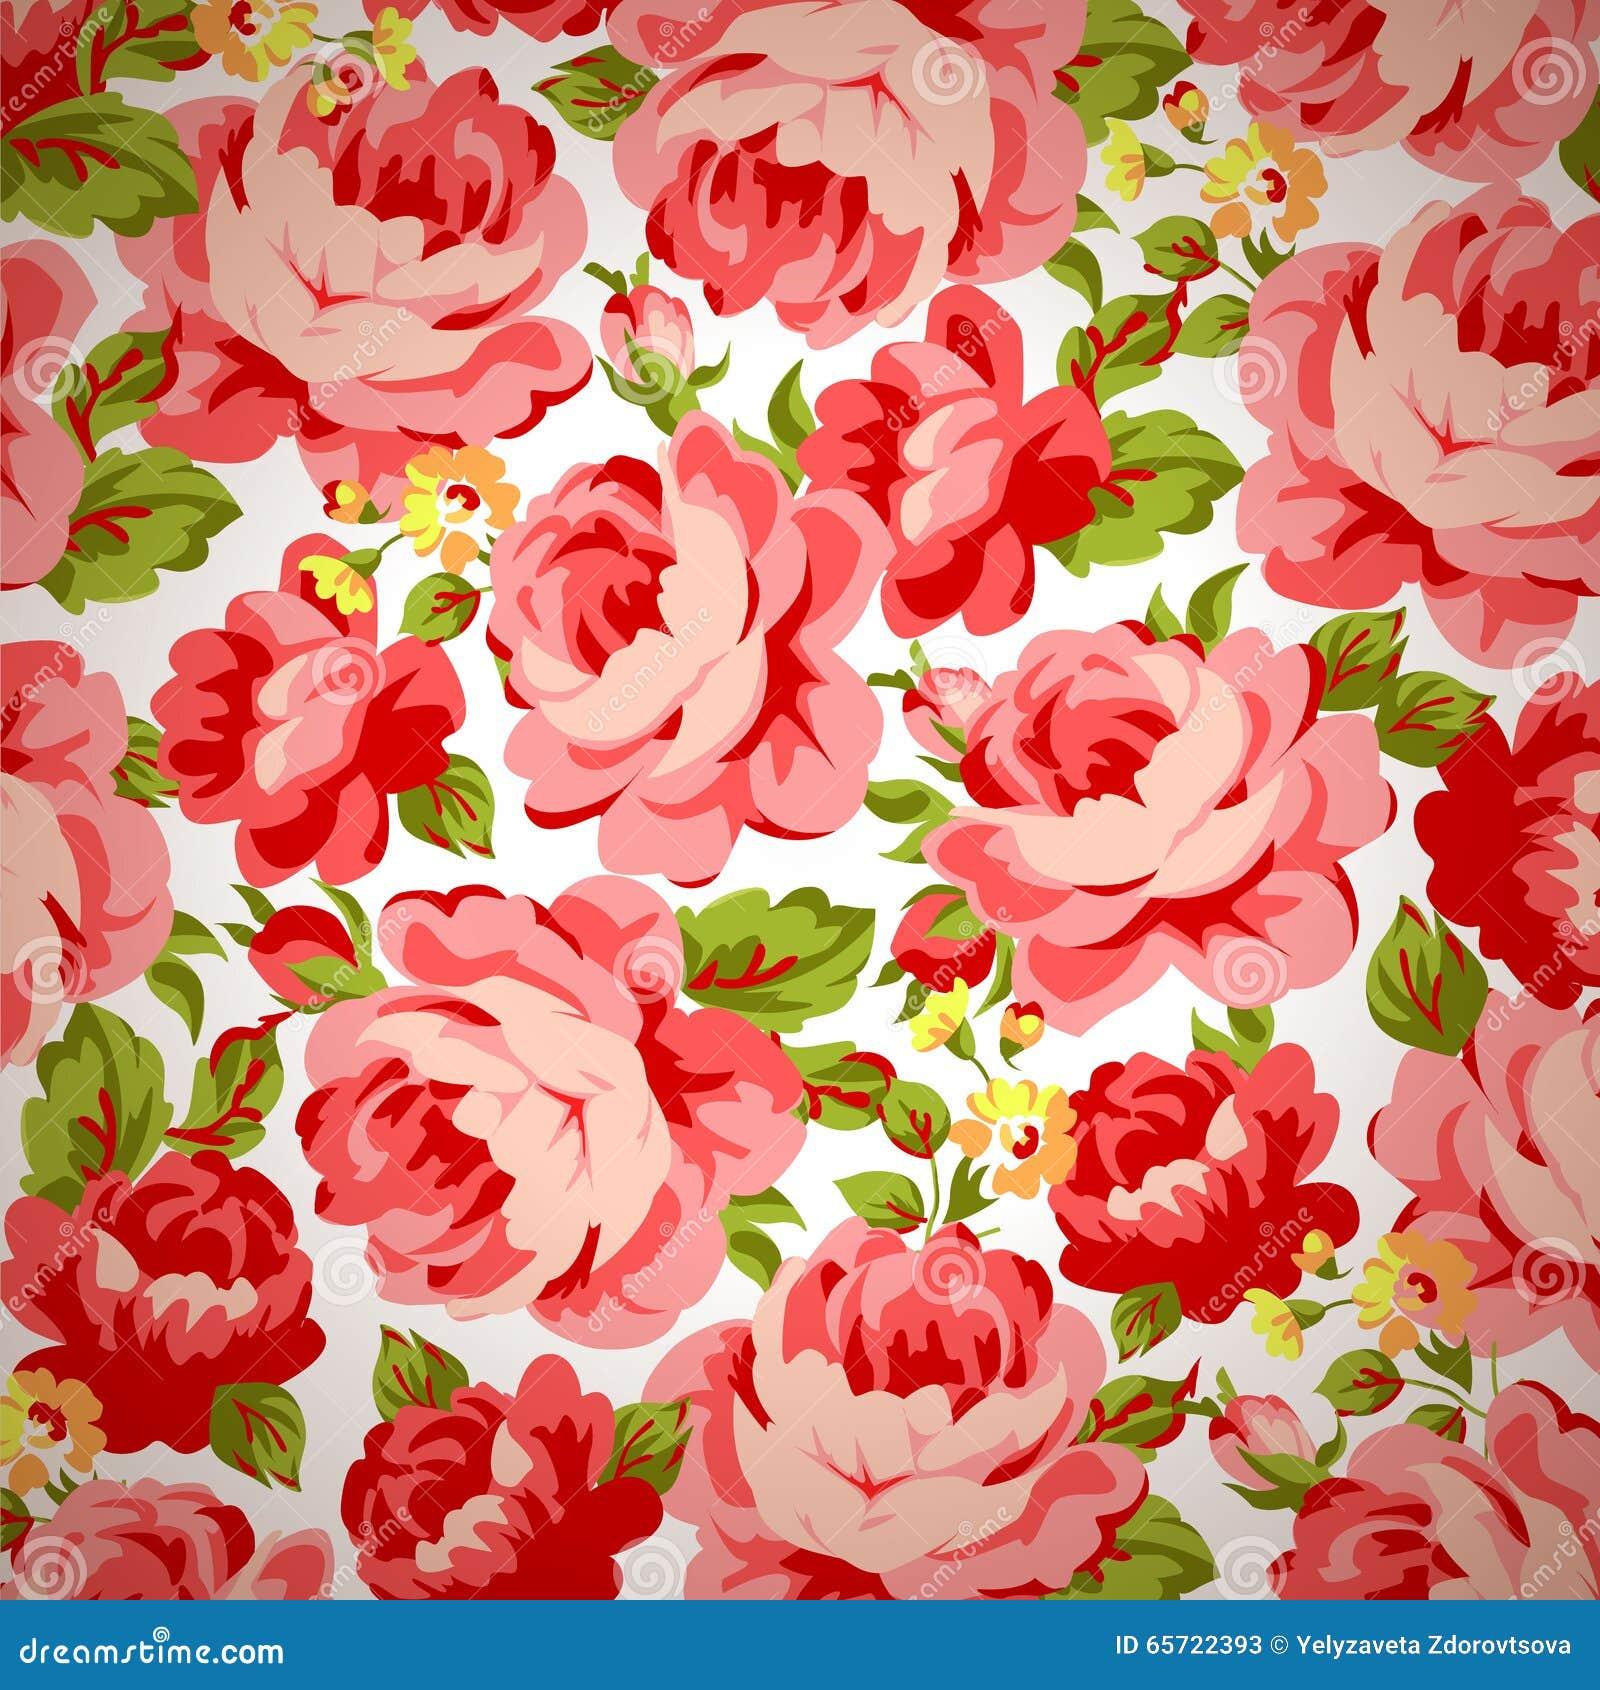 Vintage floral rose pattern